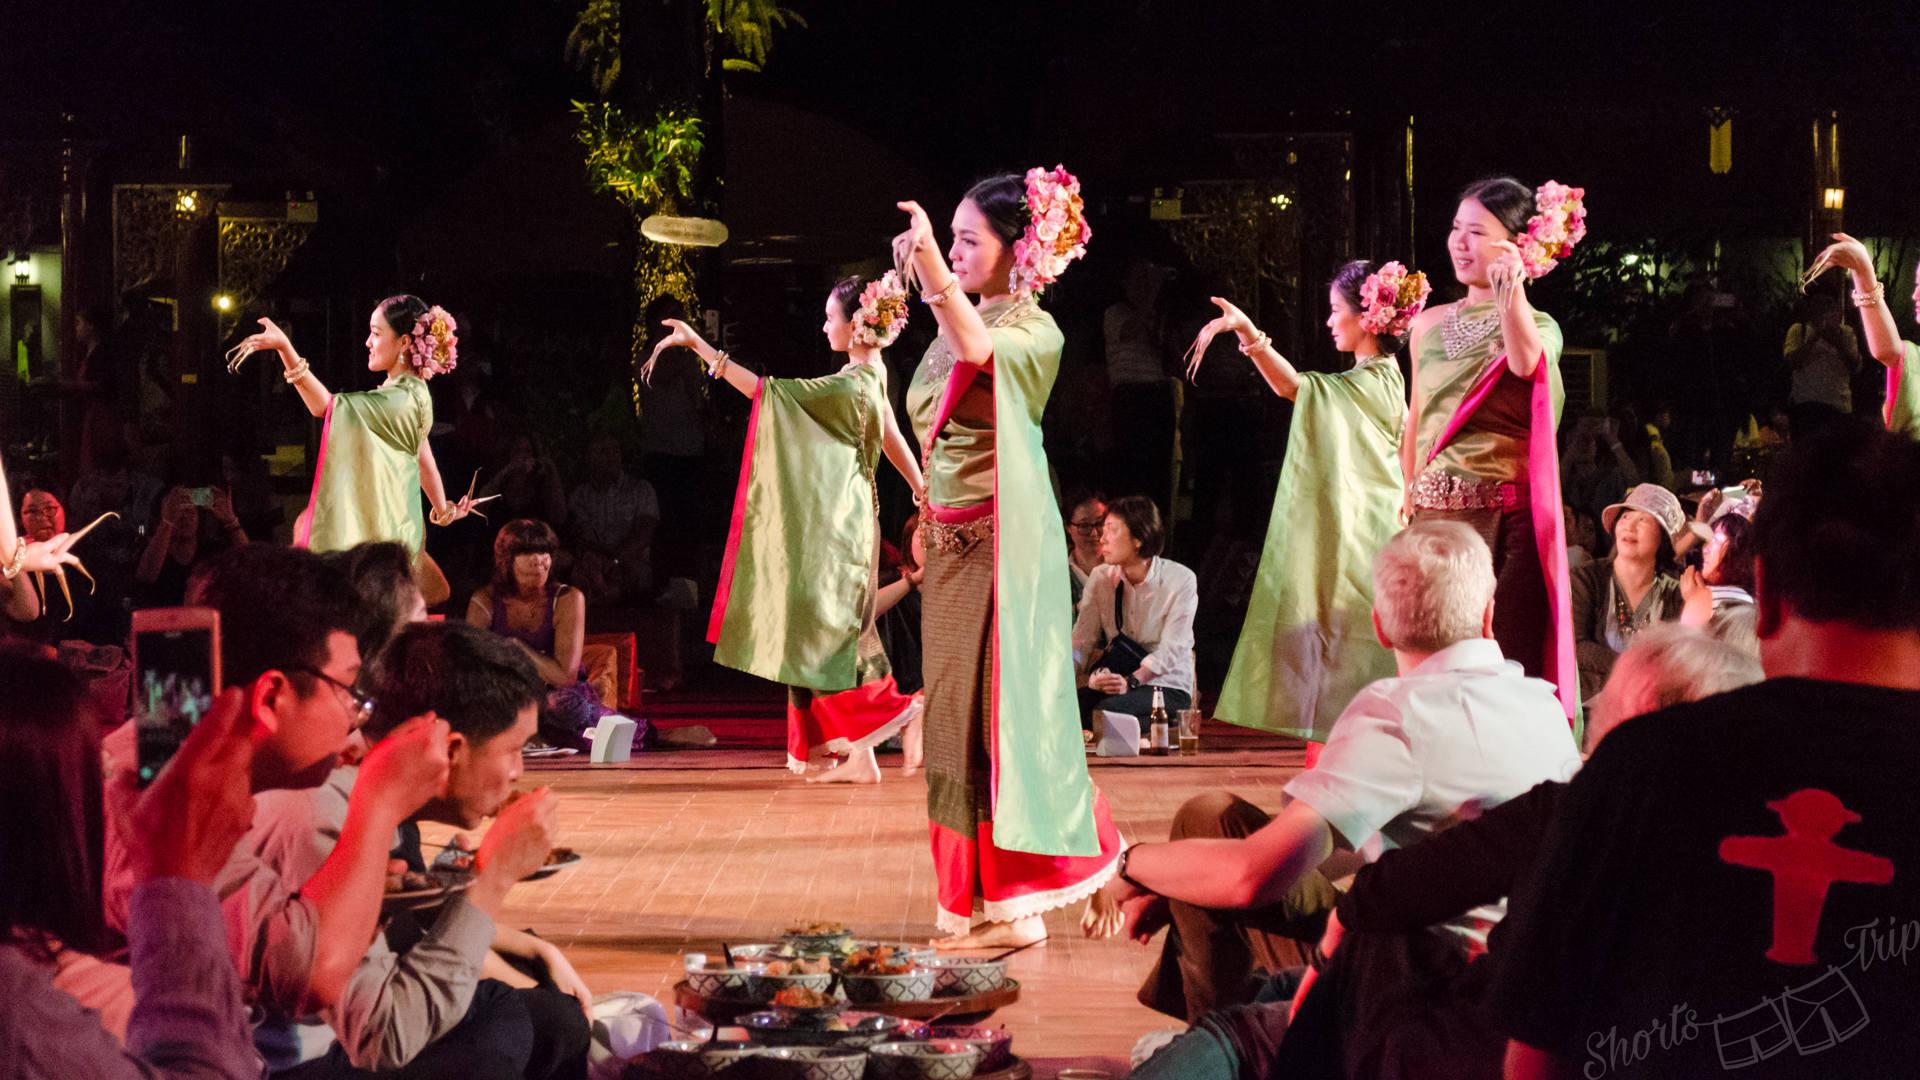 khantoke dance, khantoke, khantoke performance, khantoke dinner